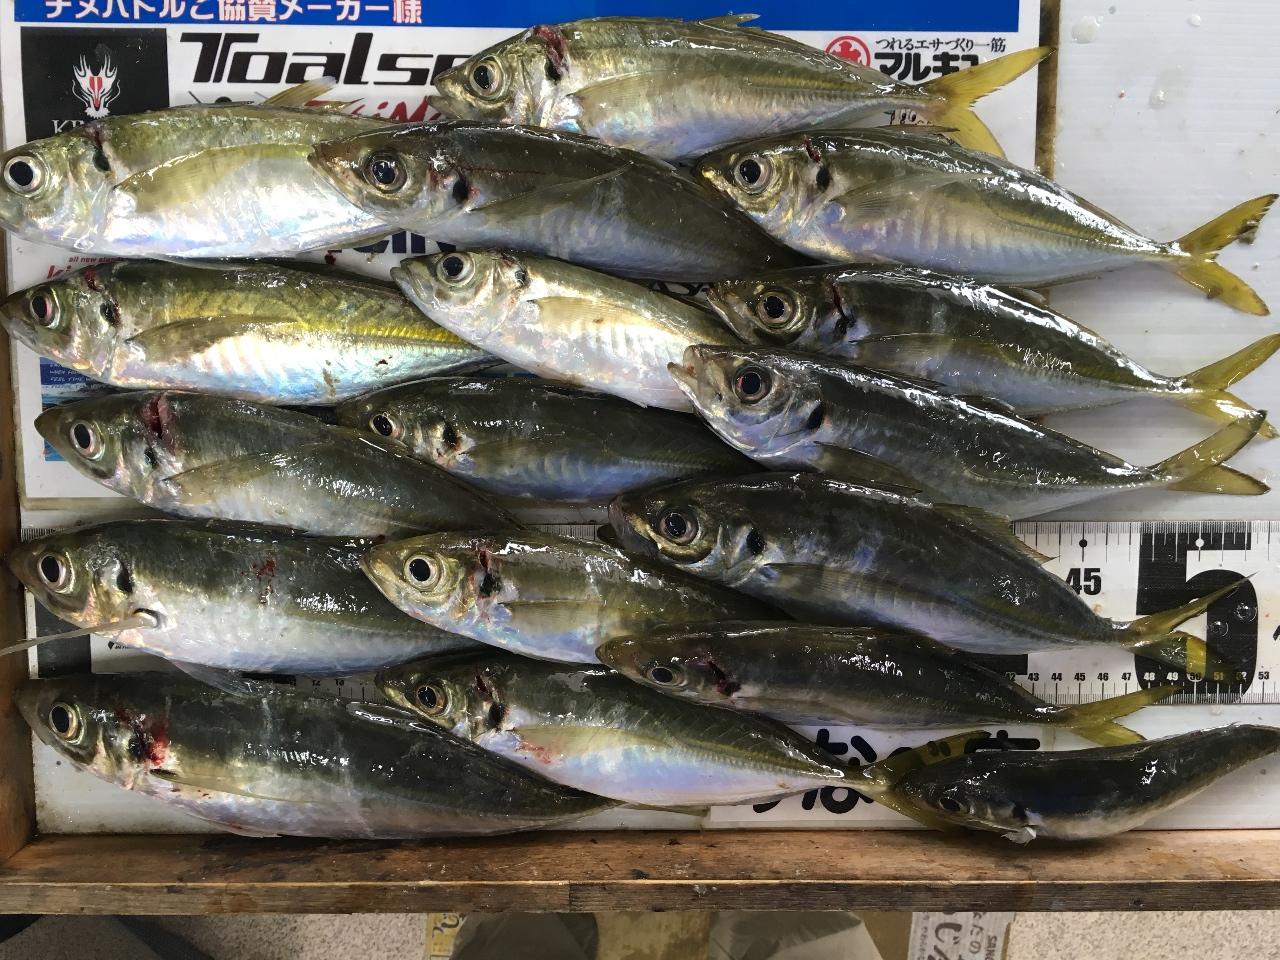 1/25M村ノリオ様 加尾漁港でアジ 32.5cmを頭に18尾